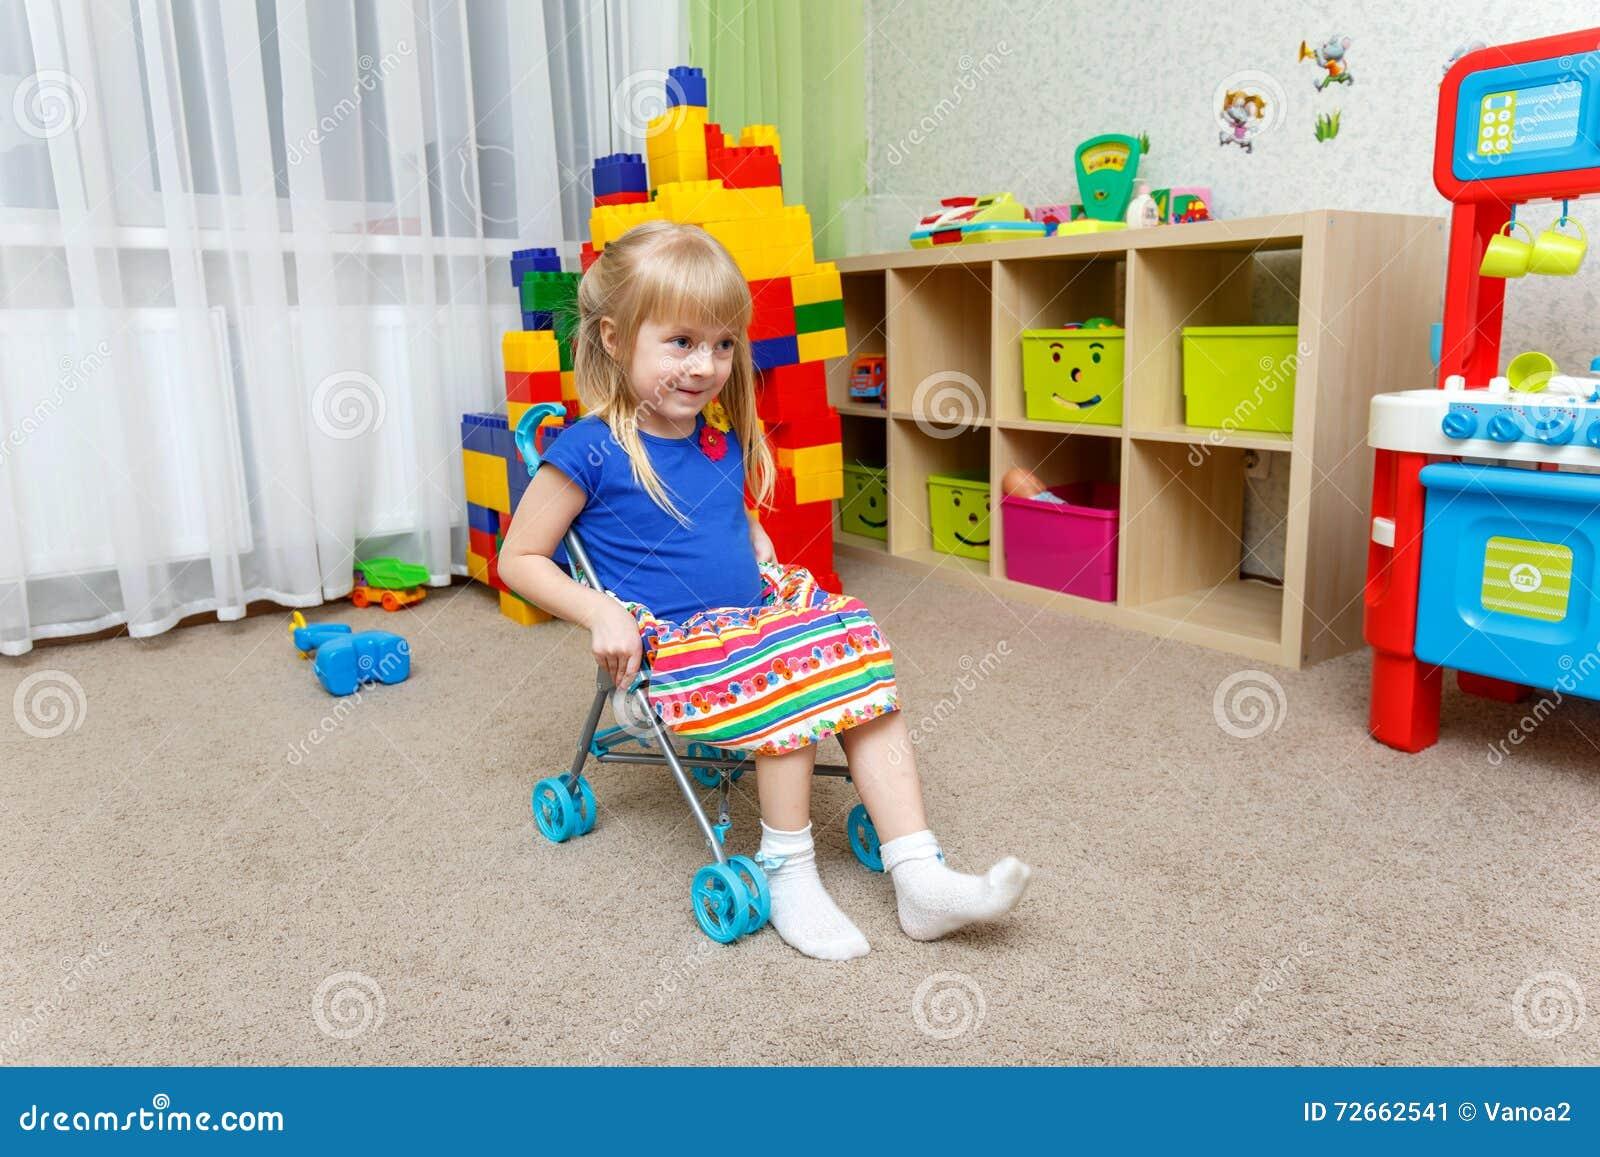 在家坐在玩具婴儿推车的微笑的小女孩